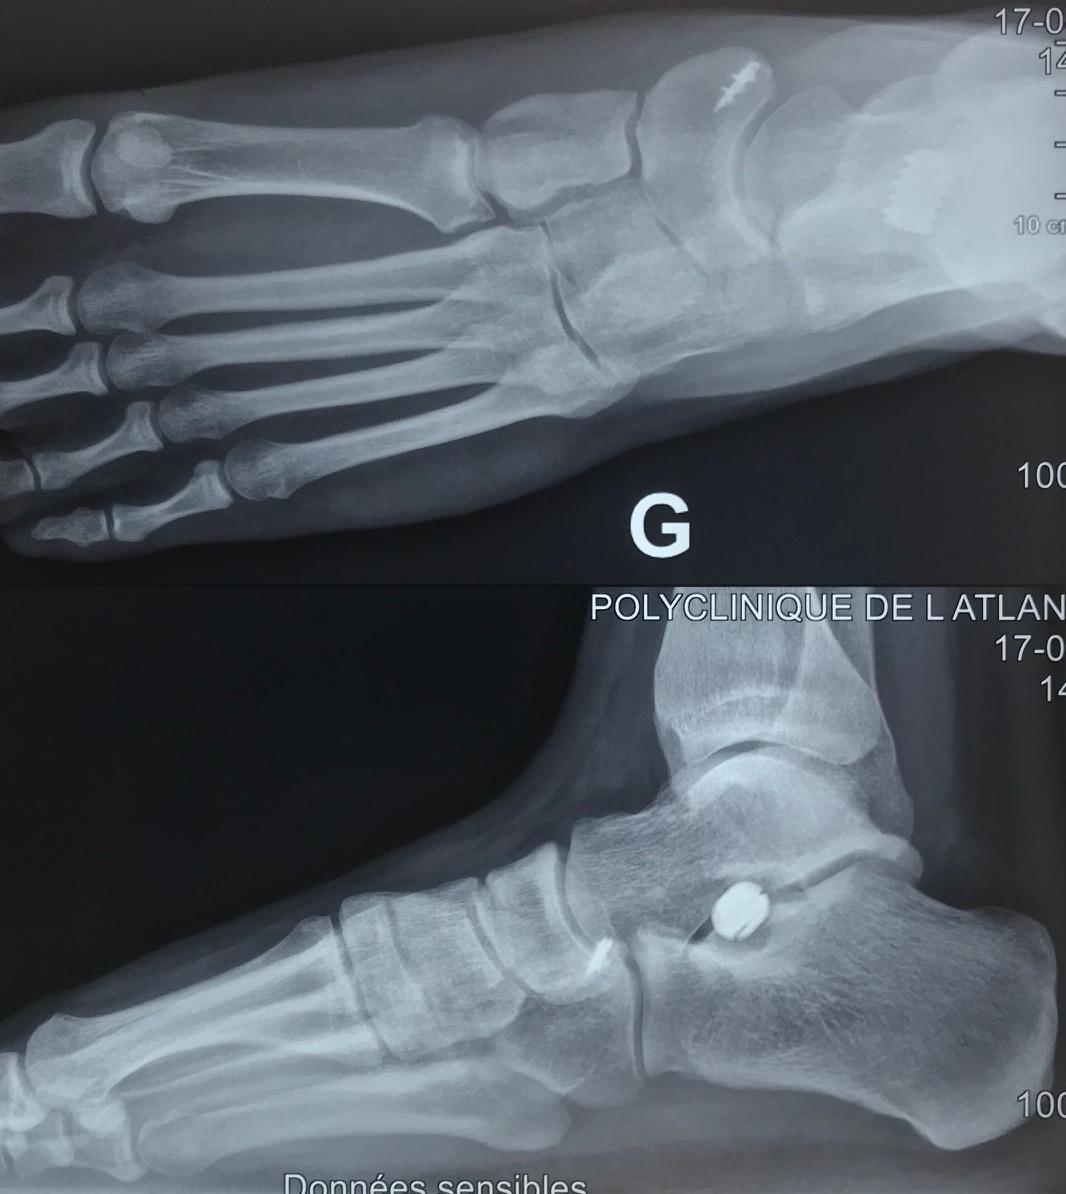 implant sous talien et réparation du tendon tibial postérieur avec transfert du fléchisseur des orteils chirurgie pied plat : vue radiologique Docteur Cyril PERRIER CHIRURGIE PIED CHEVILLE  PCNA NANTES SAINT HERBLAIN